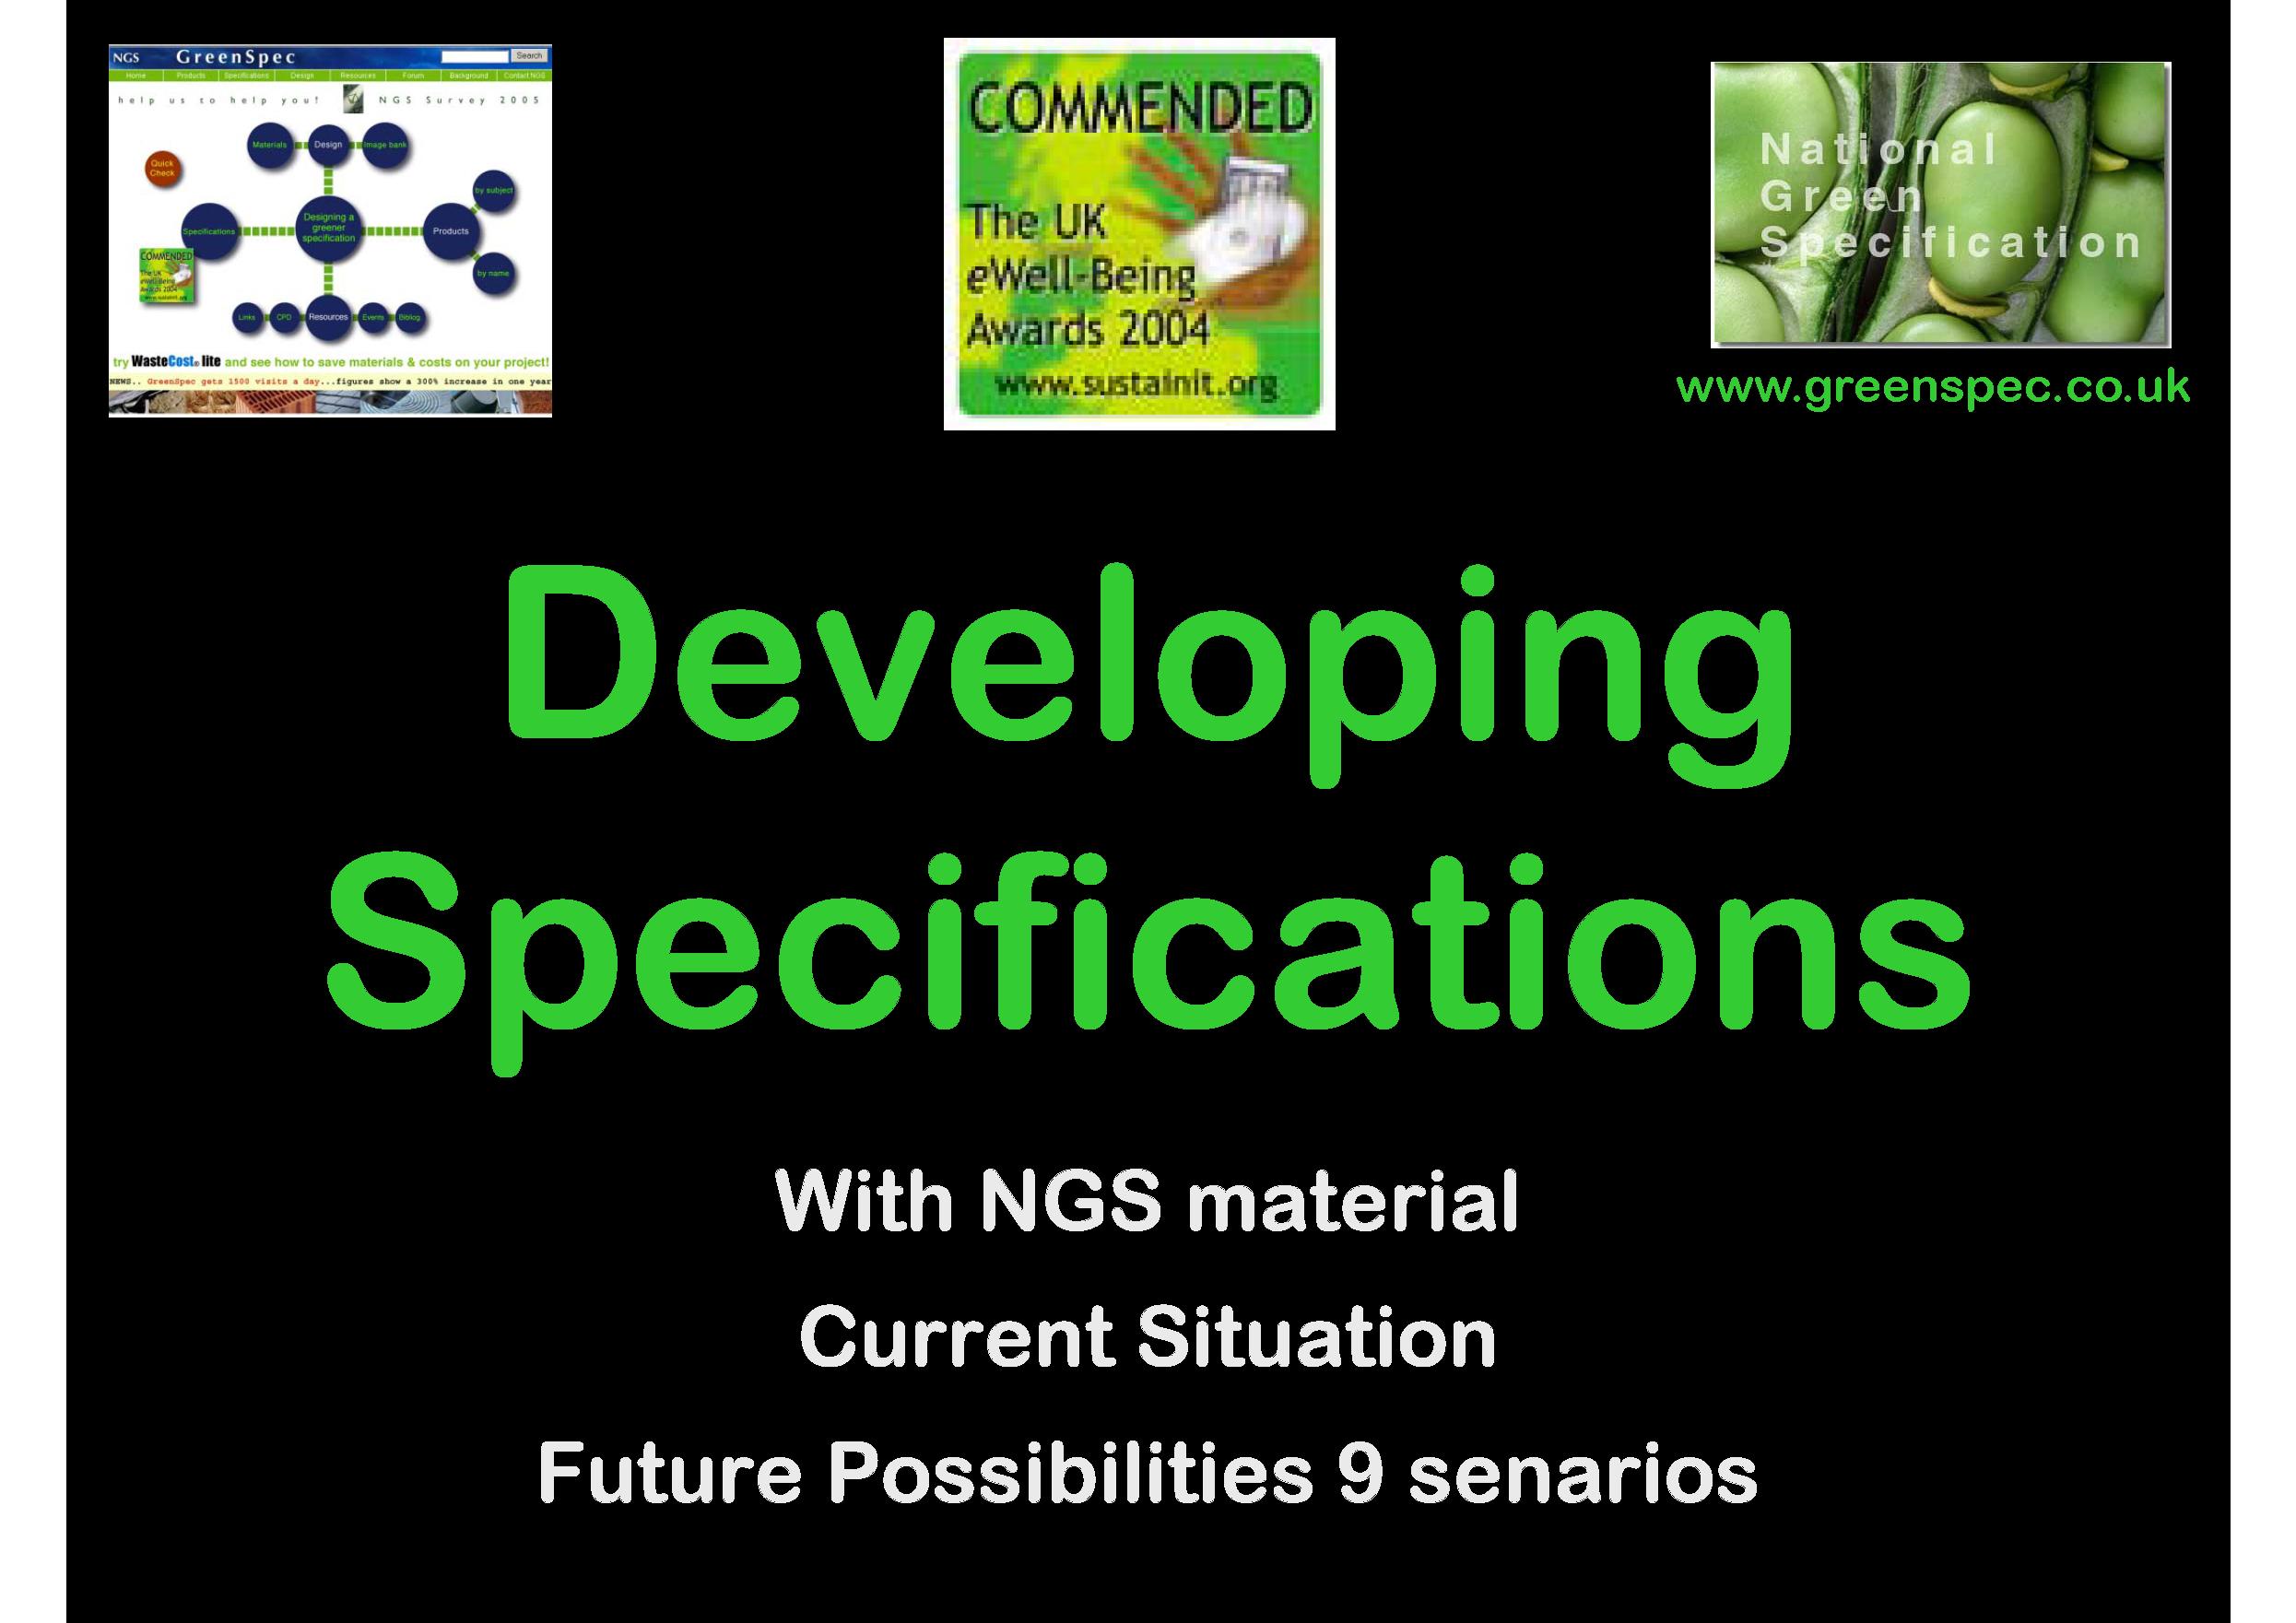 SpecificationDevelopment9Scenarios.png